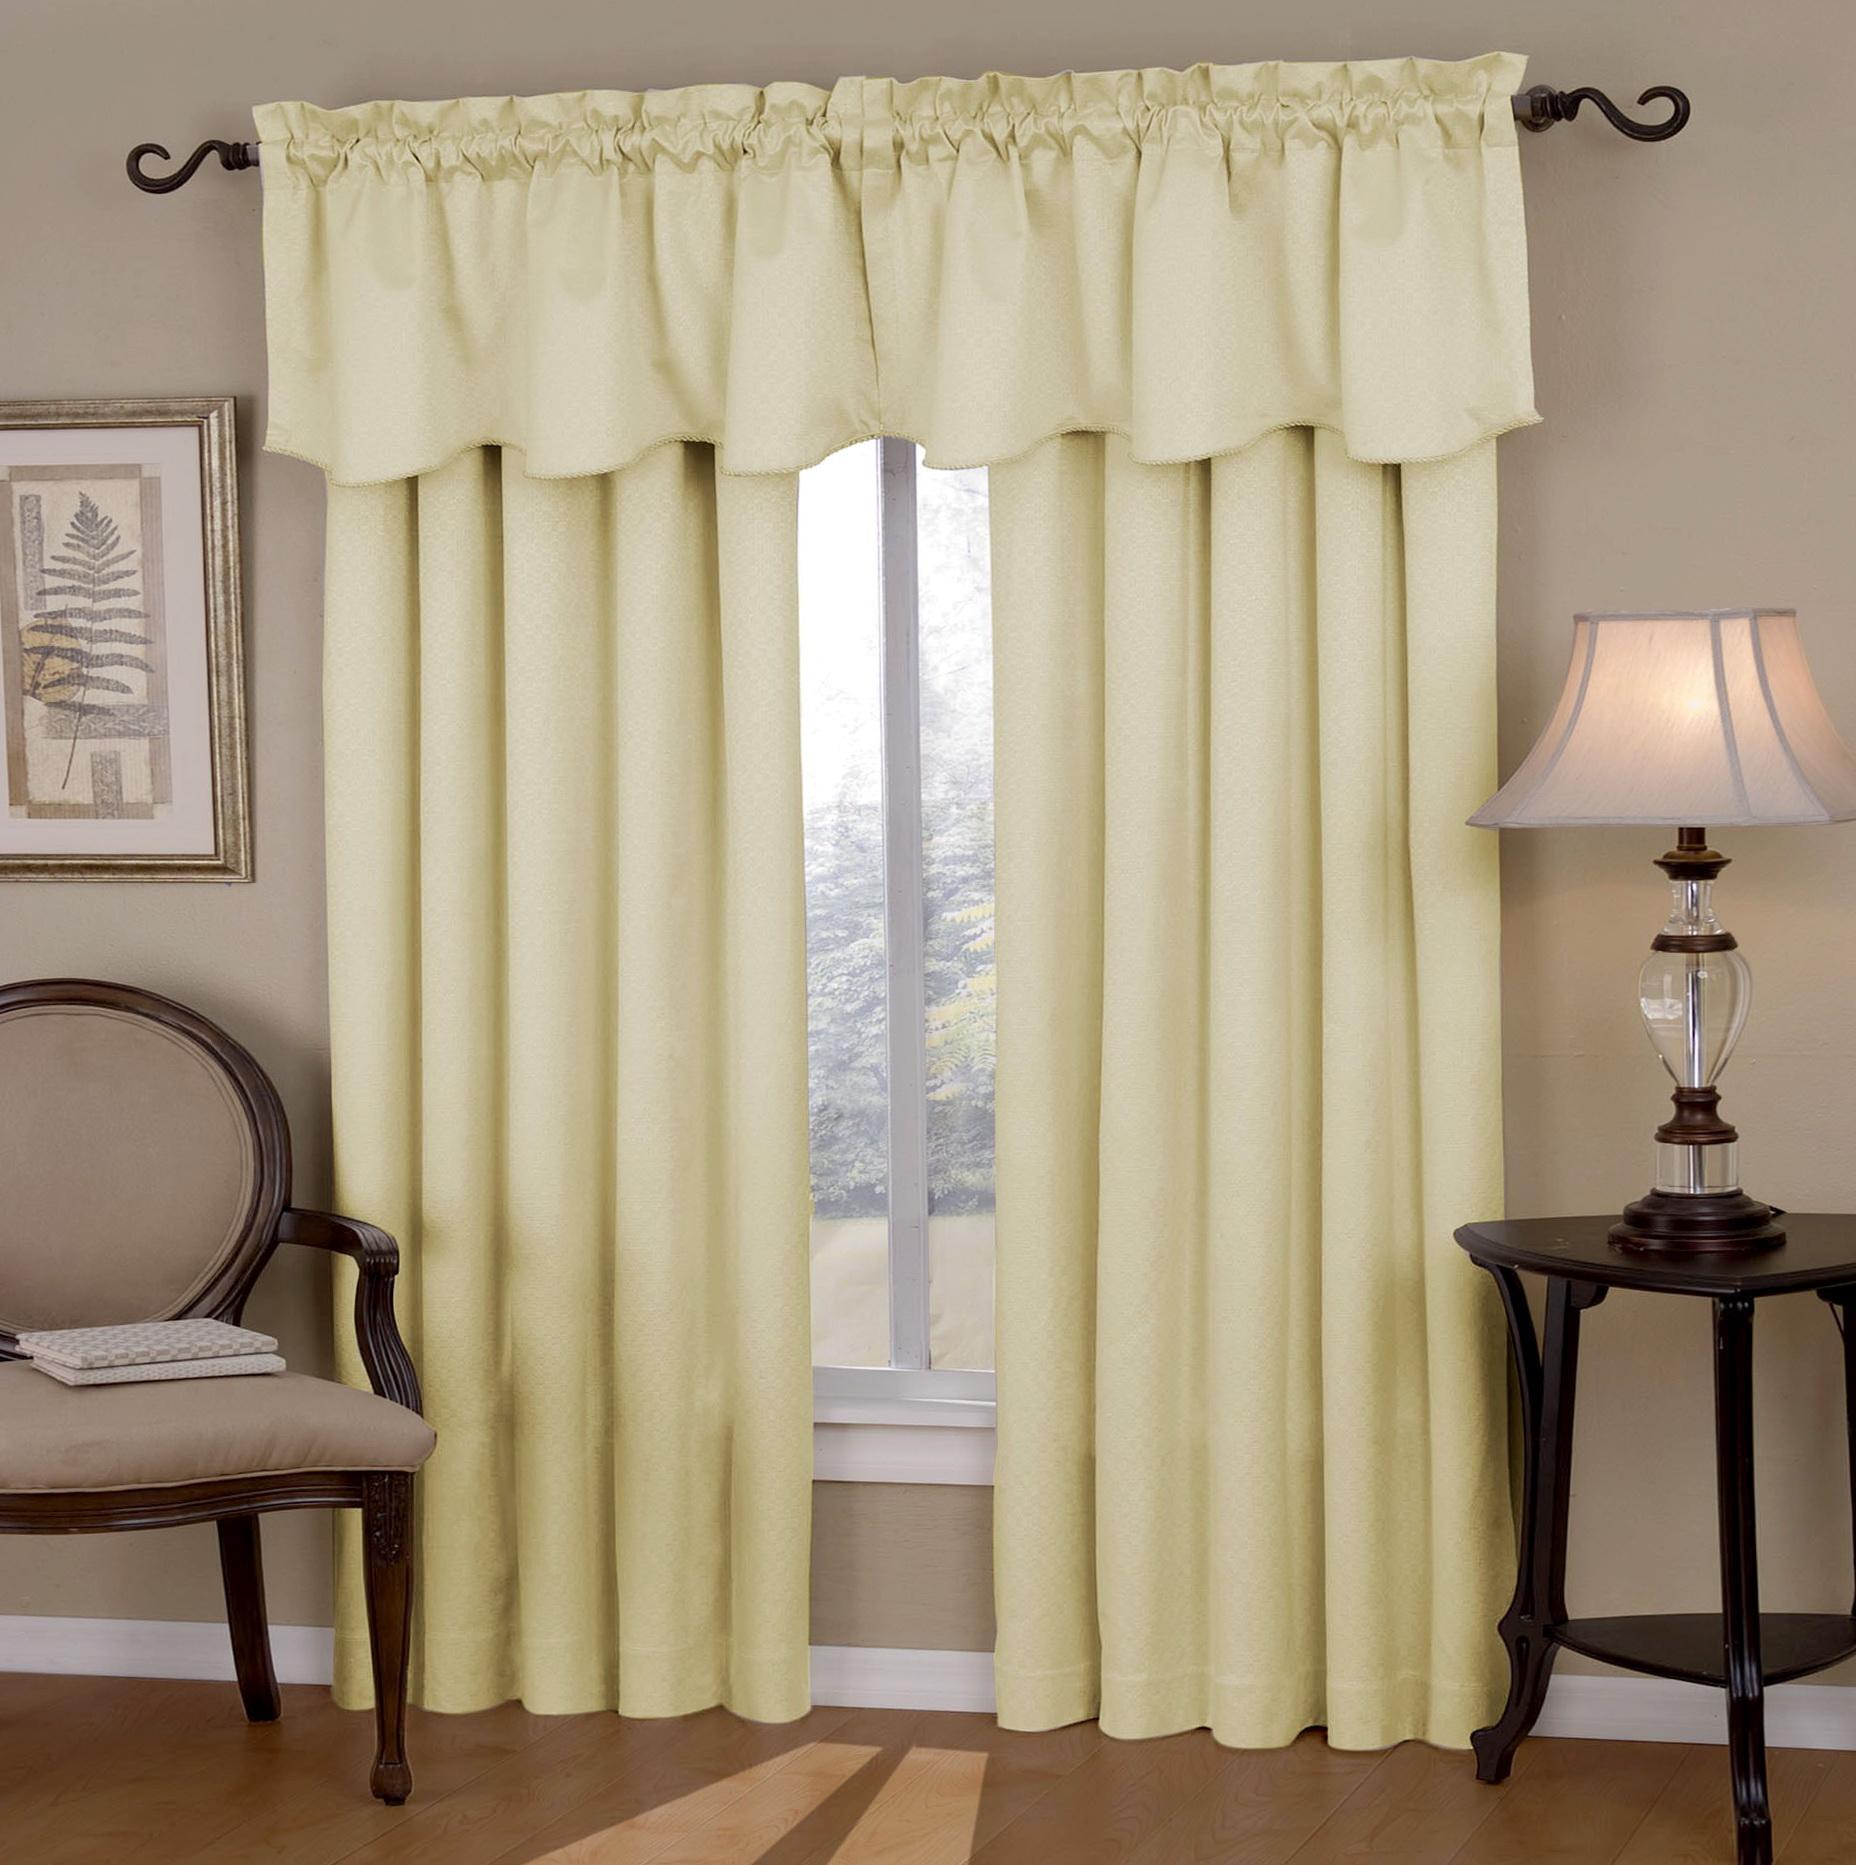 blackout curtains target home design ideas. Black Bedroom Furniture Sets. Home Design Ideas